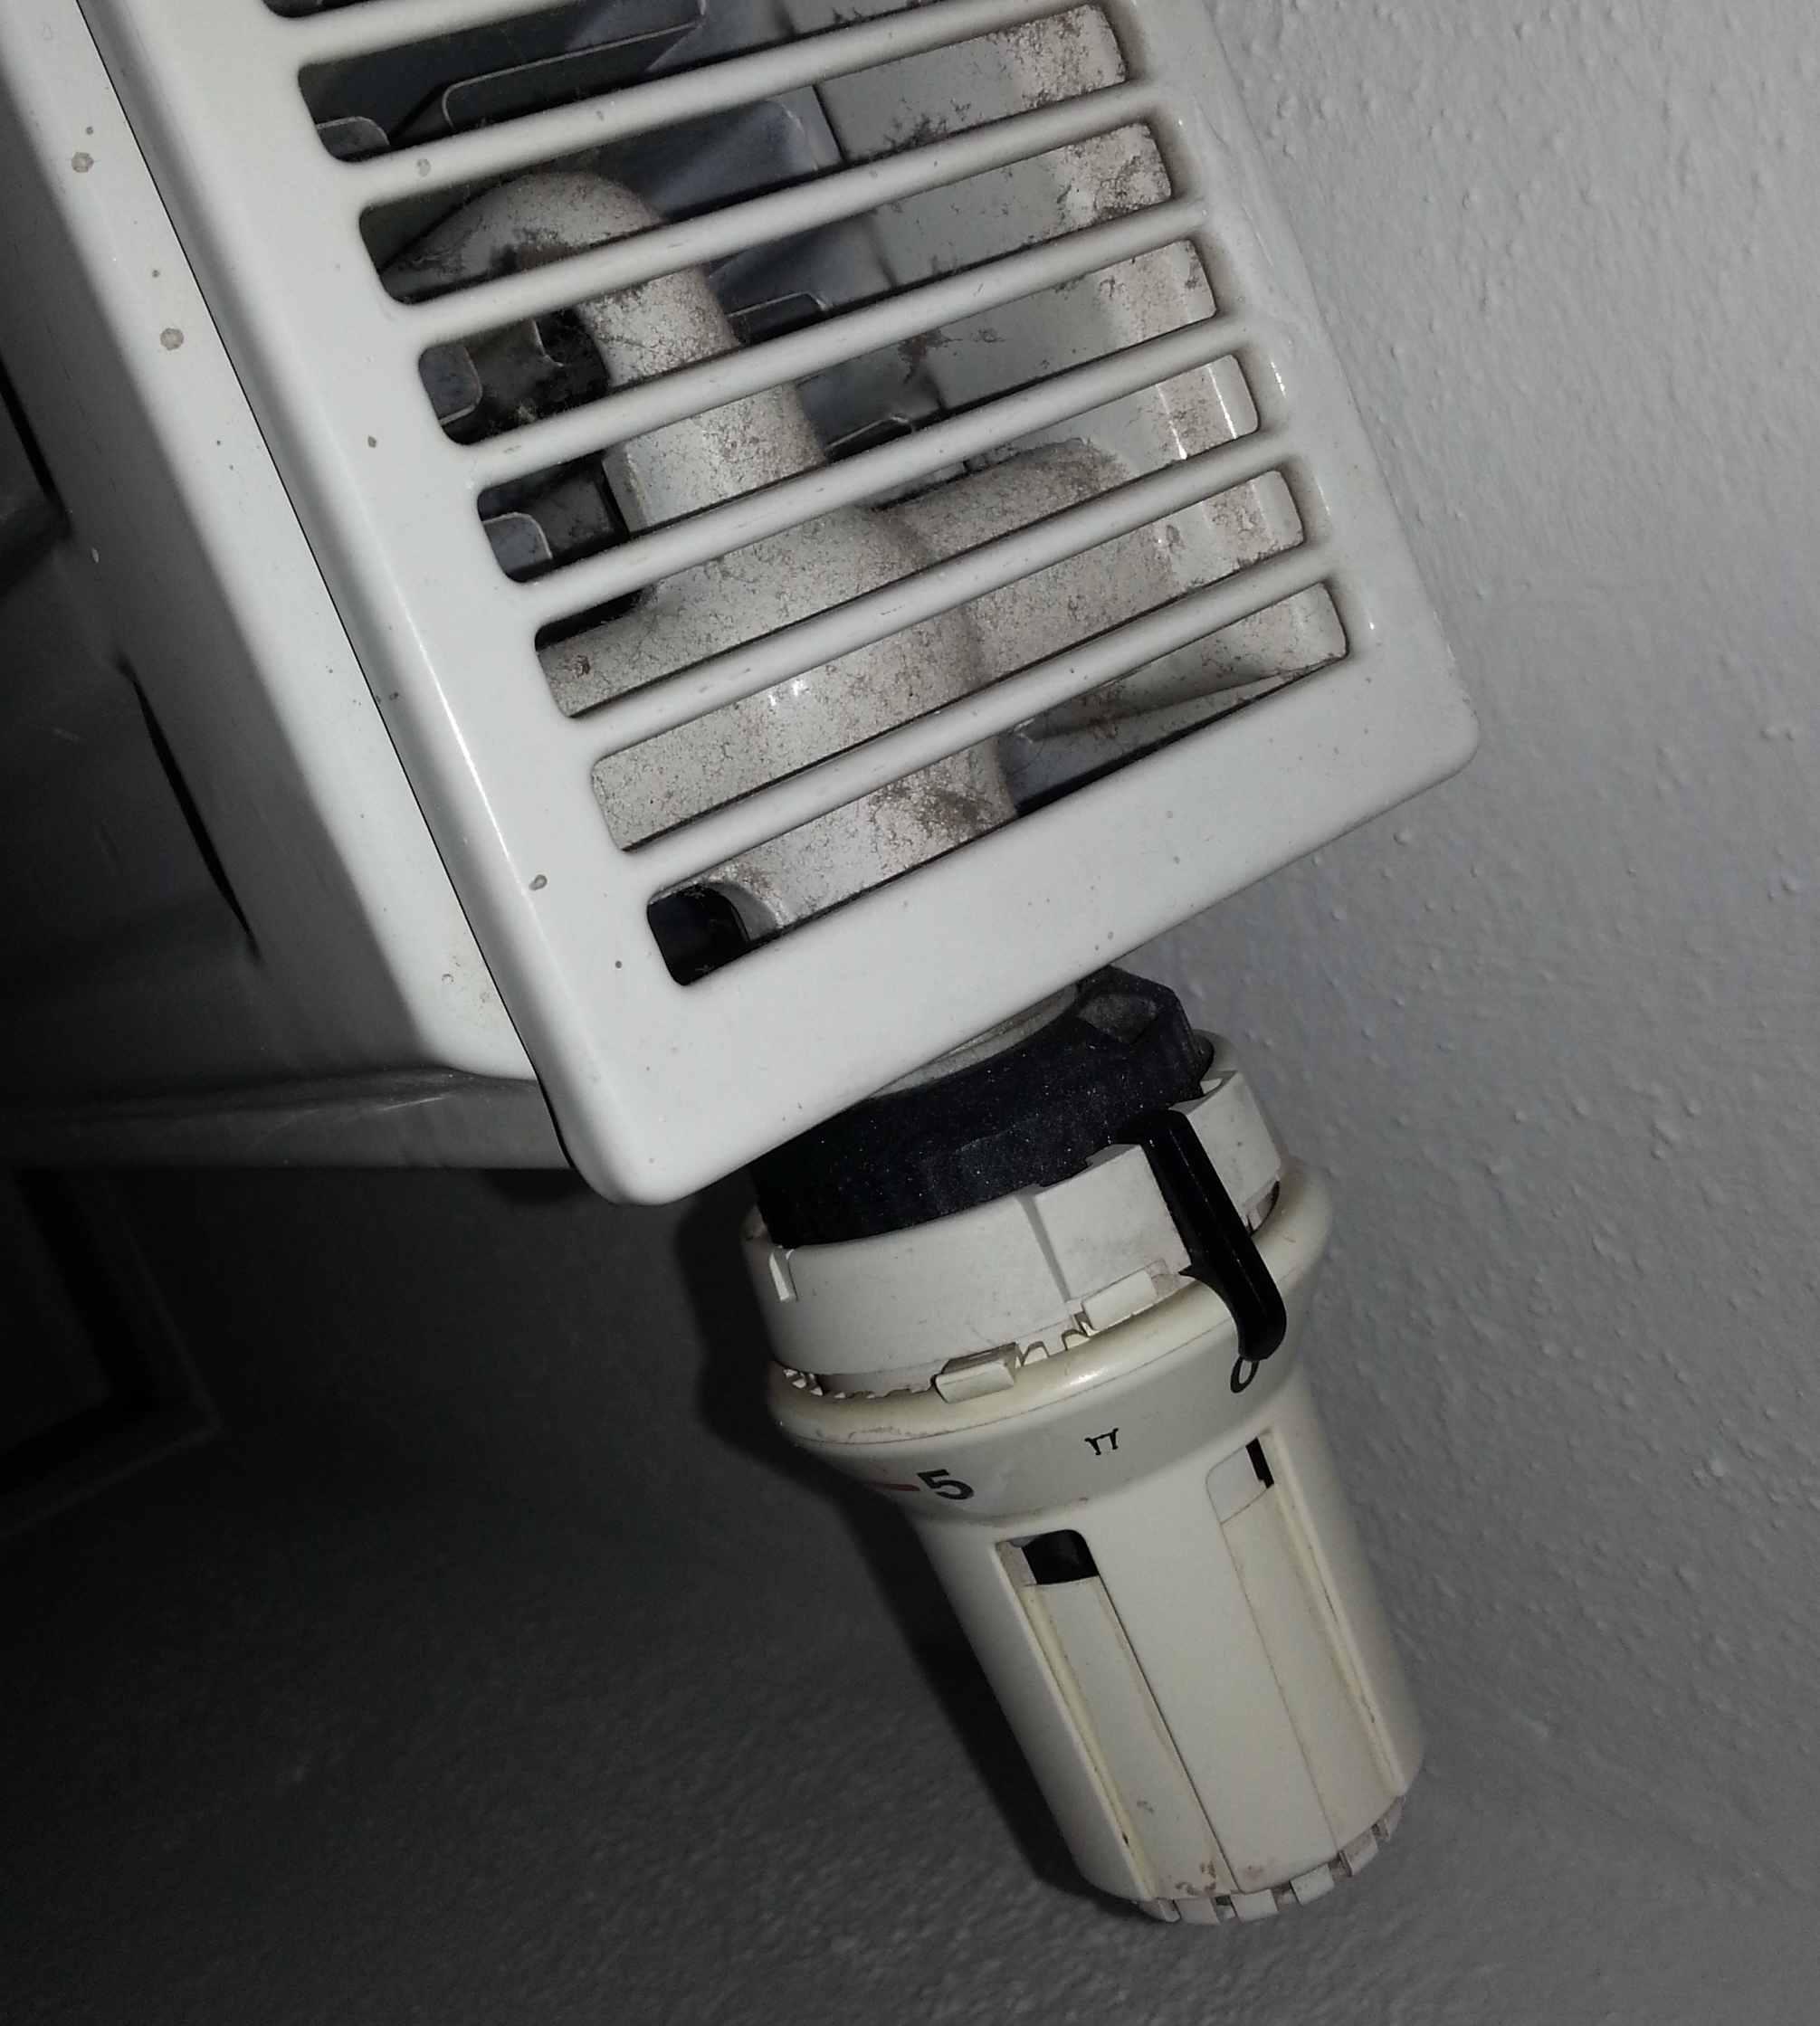 heizk rper warm obwohl ventil zugedreht haustechnikdialog. Black Bedroom Furniture Sets. Home Design Ideas